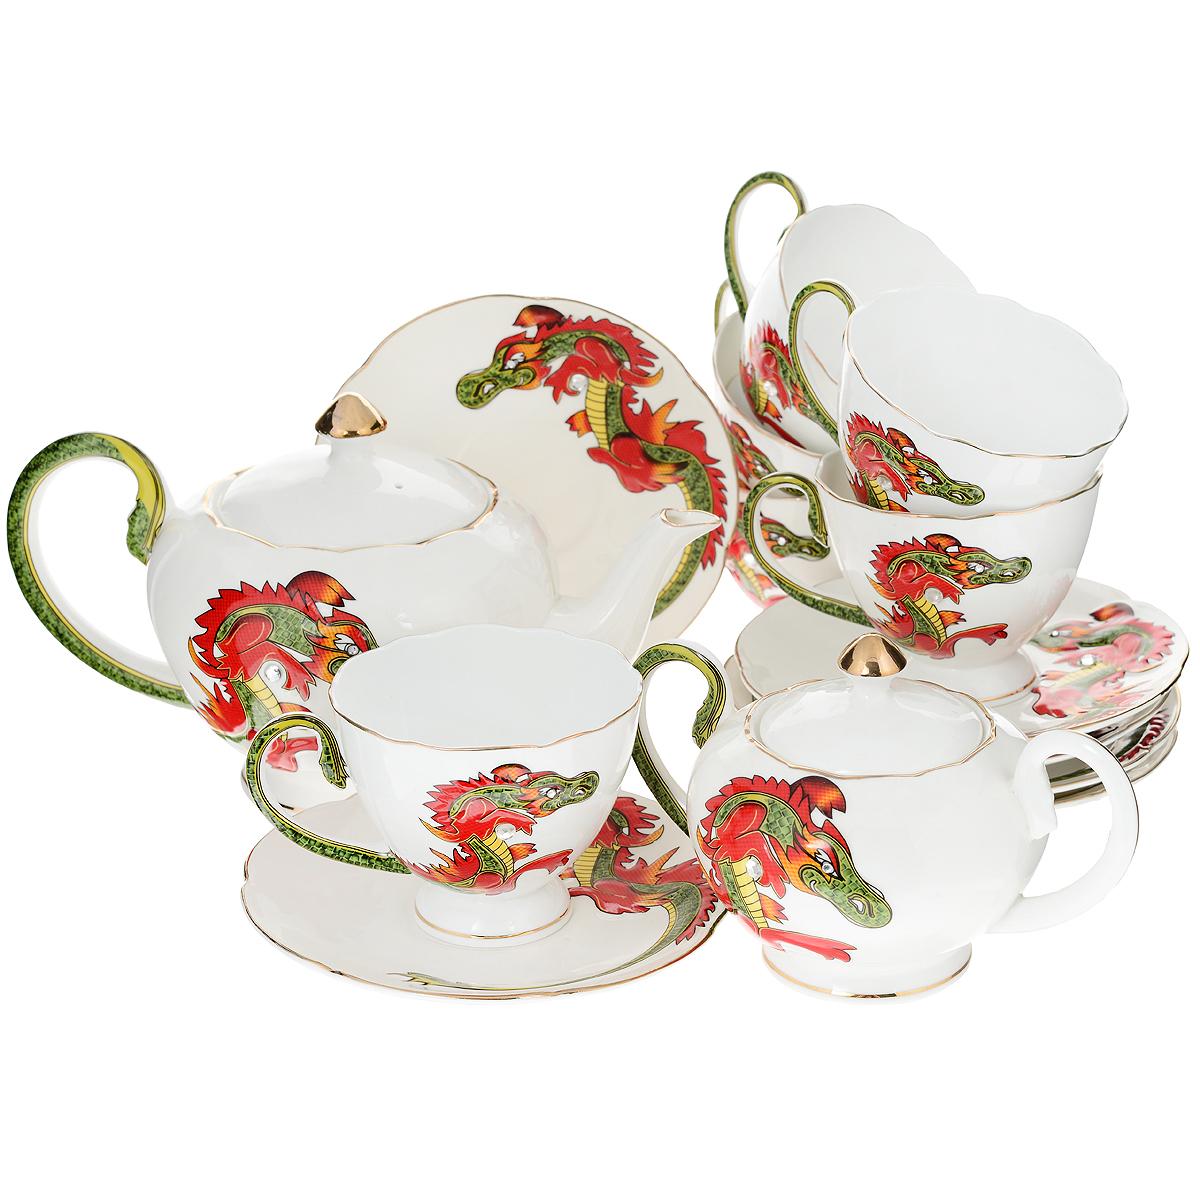 Набор чайный Briswild Яркий дракон, 16 предметов595-071Набор чайный Briswild Яркий дракон, выполненный из высококачественного фарфора белого цвета, состоит из шести чашек, шести блюдец, заварочного чайника с крышкой и сахарницы с крышкой. Предметы набора декорированы рельефным изображением дракона в восточном стиле. Красочные рисунки дополняют стразы. Восточный дизайн придется по вкусу ценителям чайных церемоний, и тем, кто предпочитает утонченность и изысканность. Он настроит на позитивный лад и подарит хорошее настроение с самого утра. Чайный набор - идеальный и необходимый подарок для вашего дома и для ваших друзей в праздники, юбилеи и торжества! Он также станет отличным корпоративным подарком и украшением любой кухни. Набор упакован в подарочную коробку из плотного золотистого картона. Внутренняя часть коробки задрапирована коричневой атласной тканью, и каждый предмет надежно крепится в определенном положении благодаря особым выемкам в коробке.